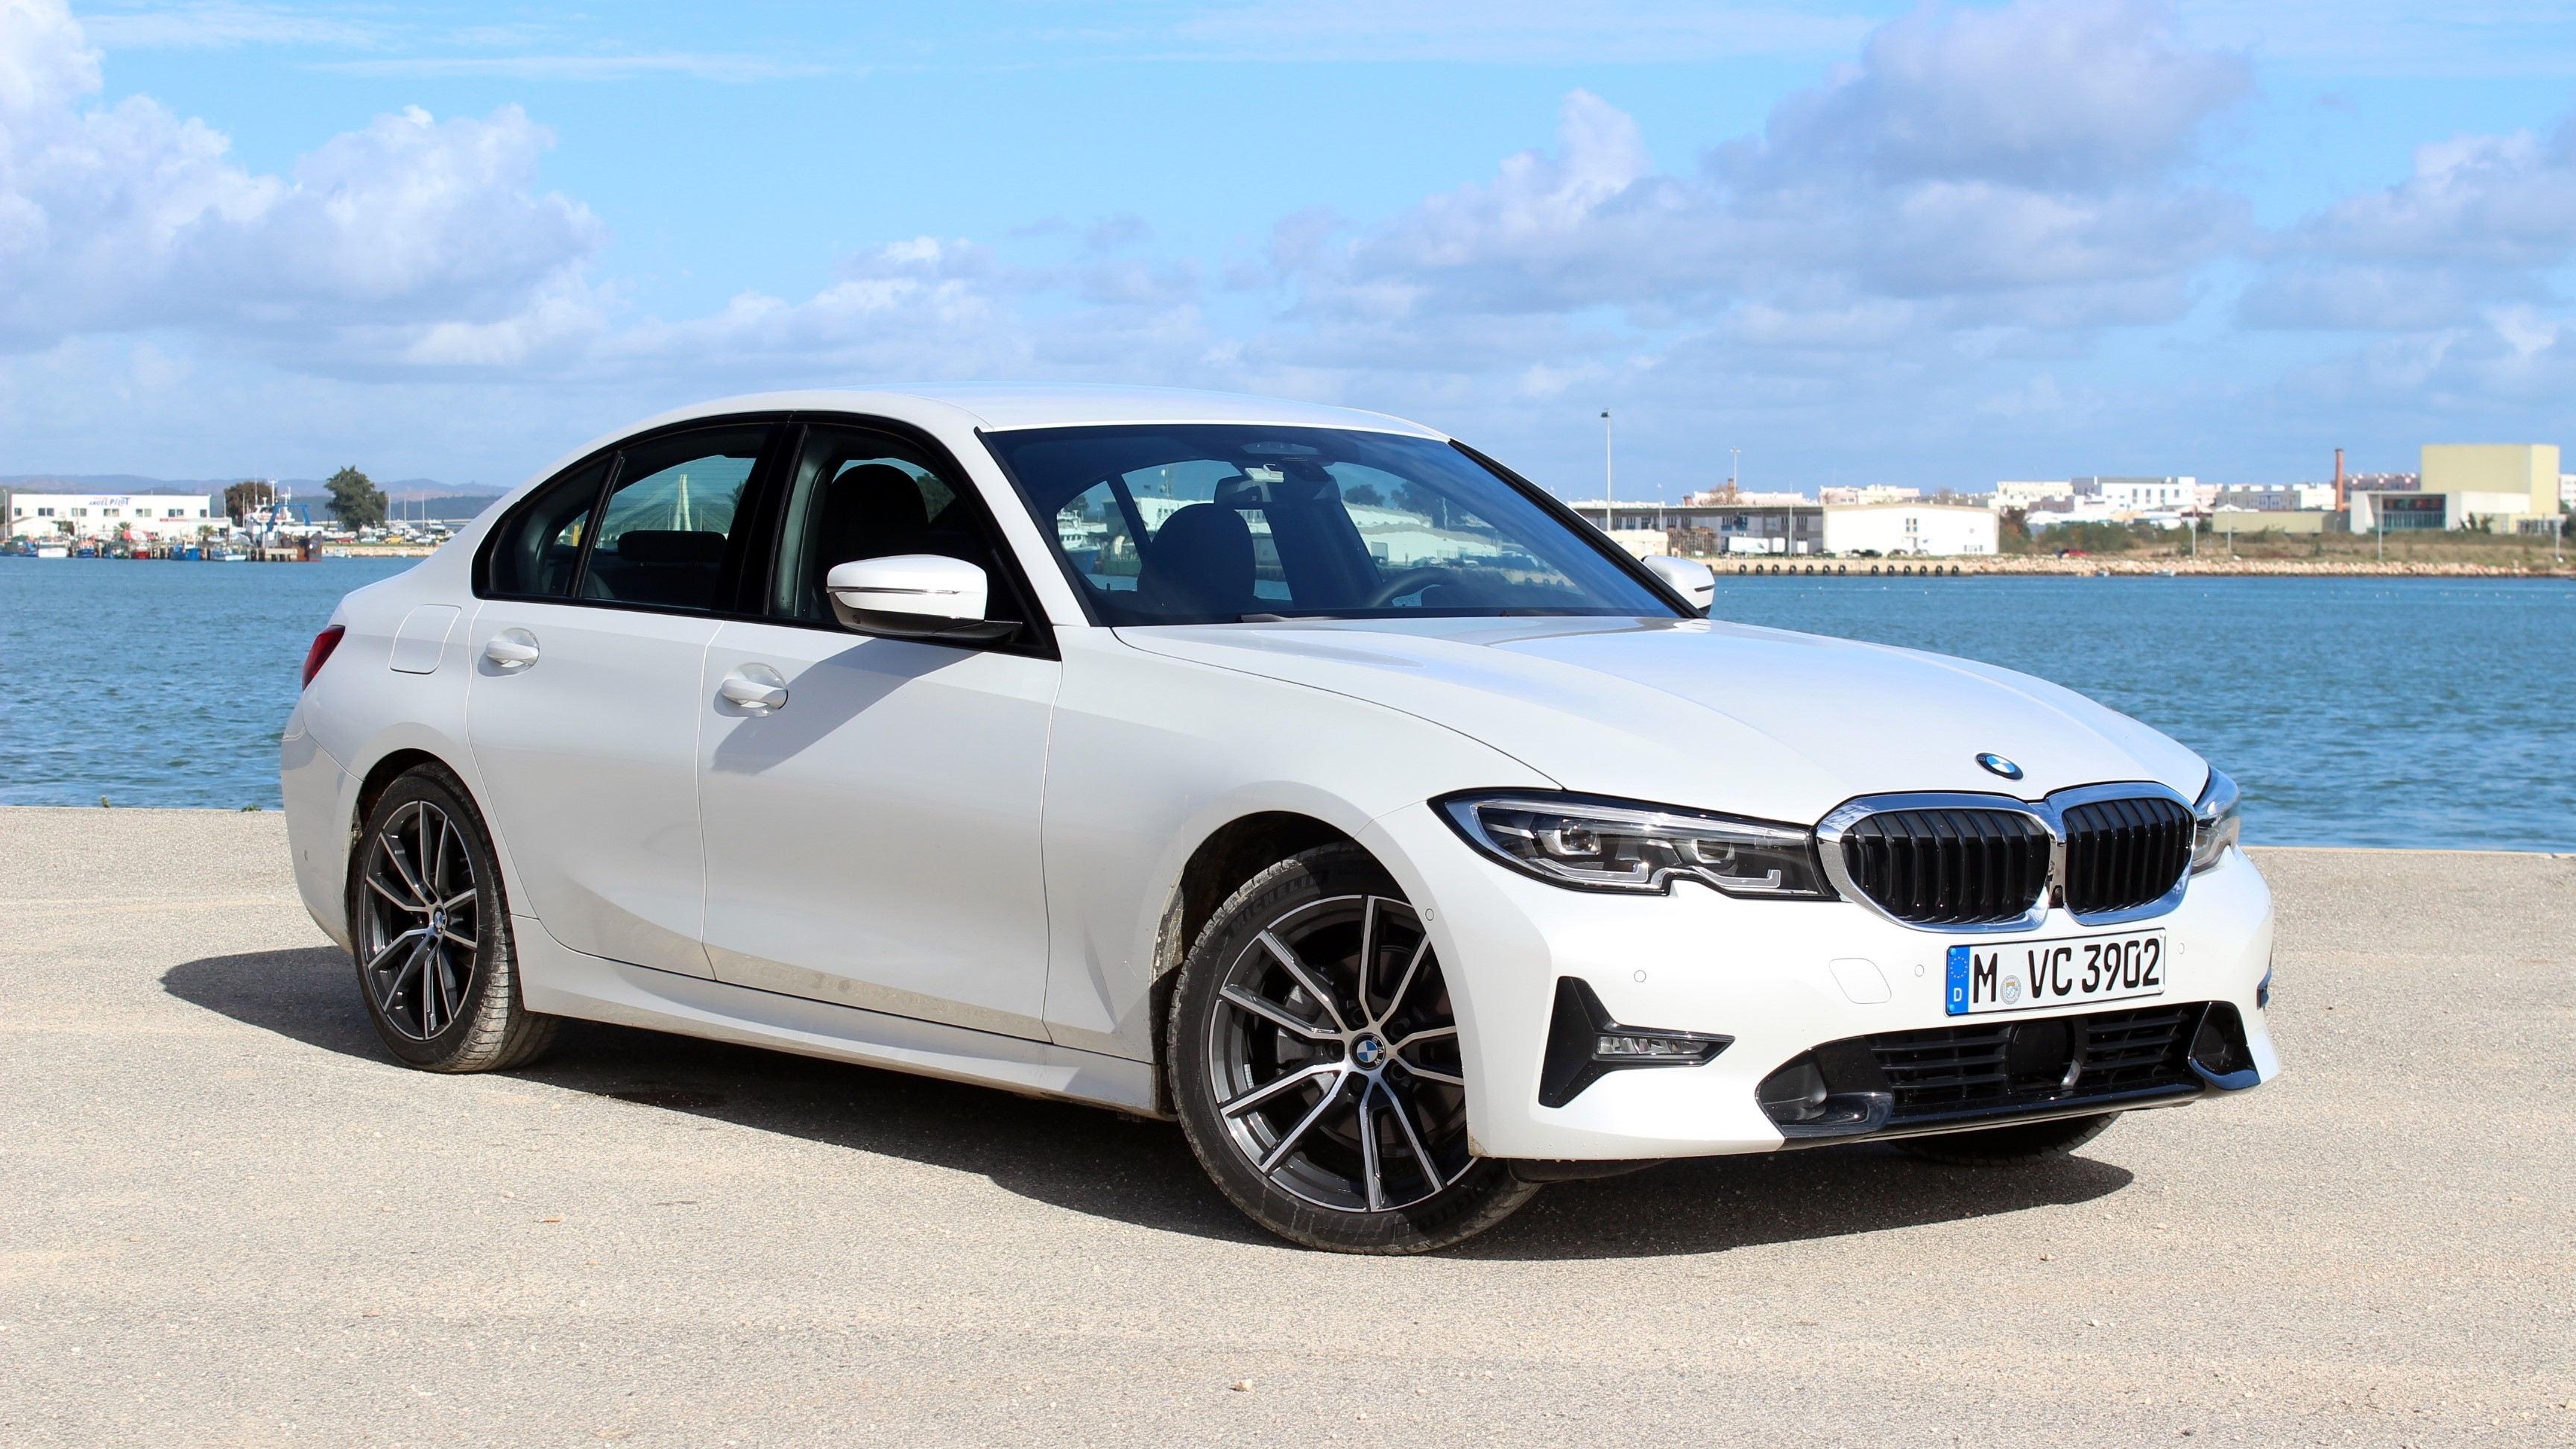 La BMW Série 3 G20 arrive en occasion : toujours aussi chère